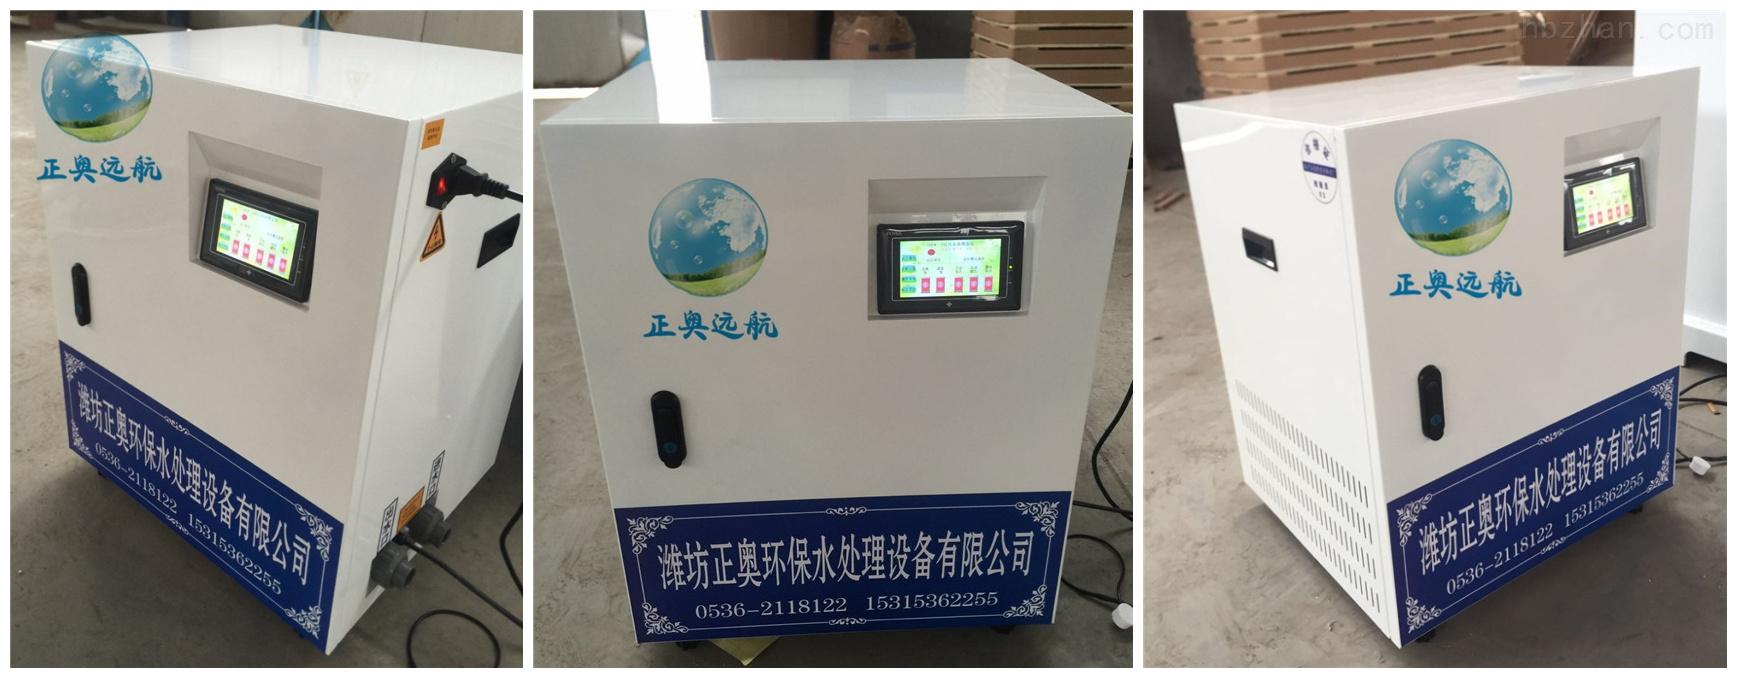 赤峰专科医院小型污水处理设备研发设计